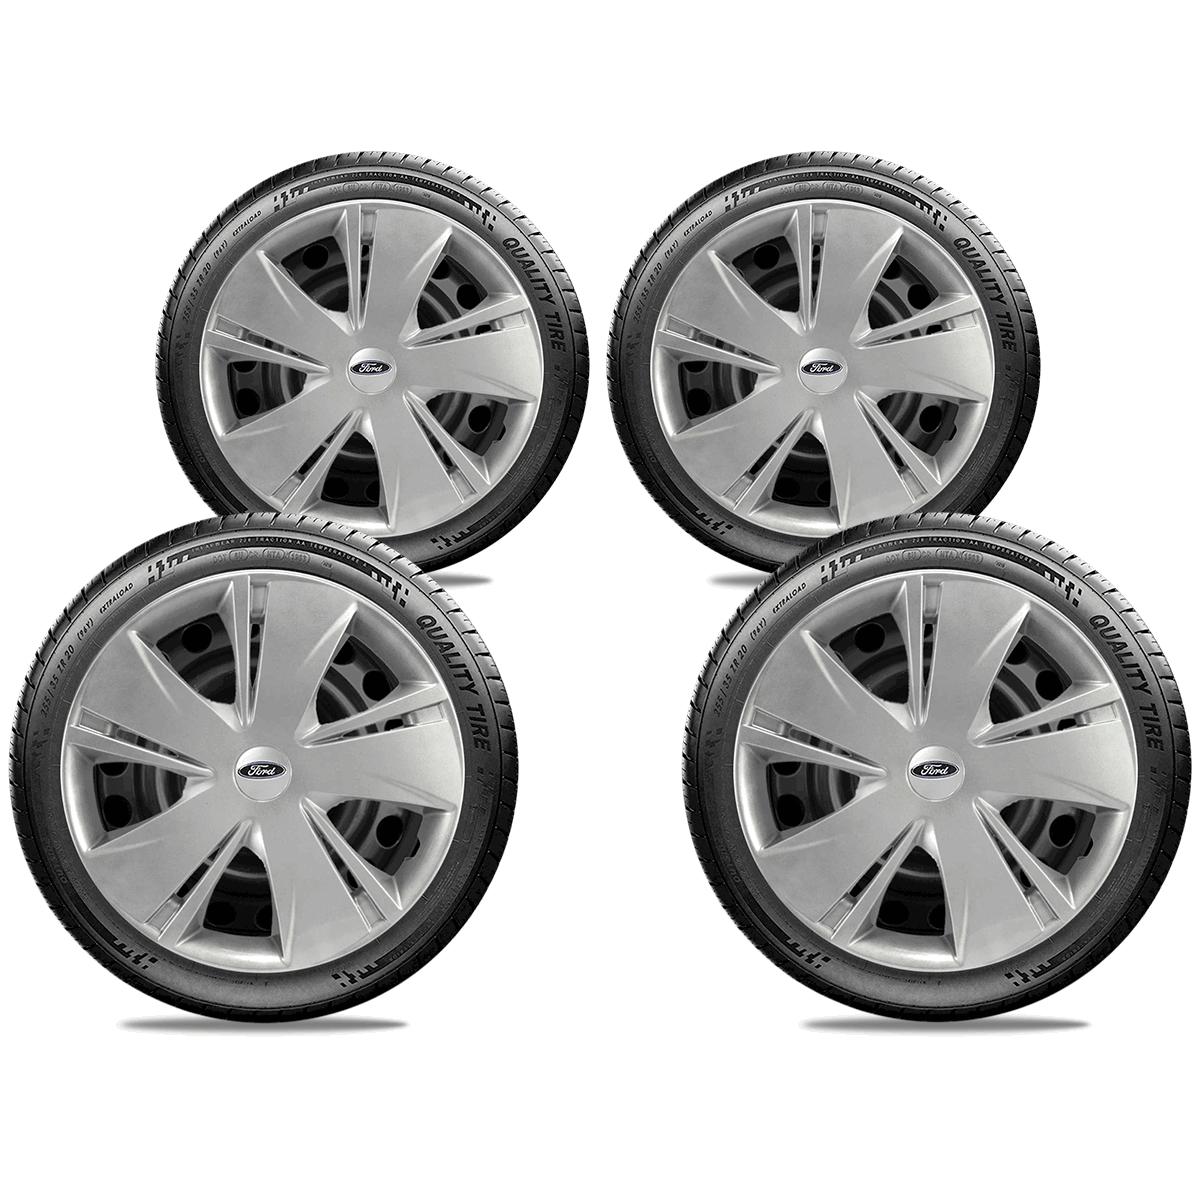 Calota Jogo 4Pçs Ford Novo Ka Fiesta Focus Aro 14 G451J